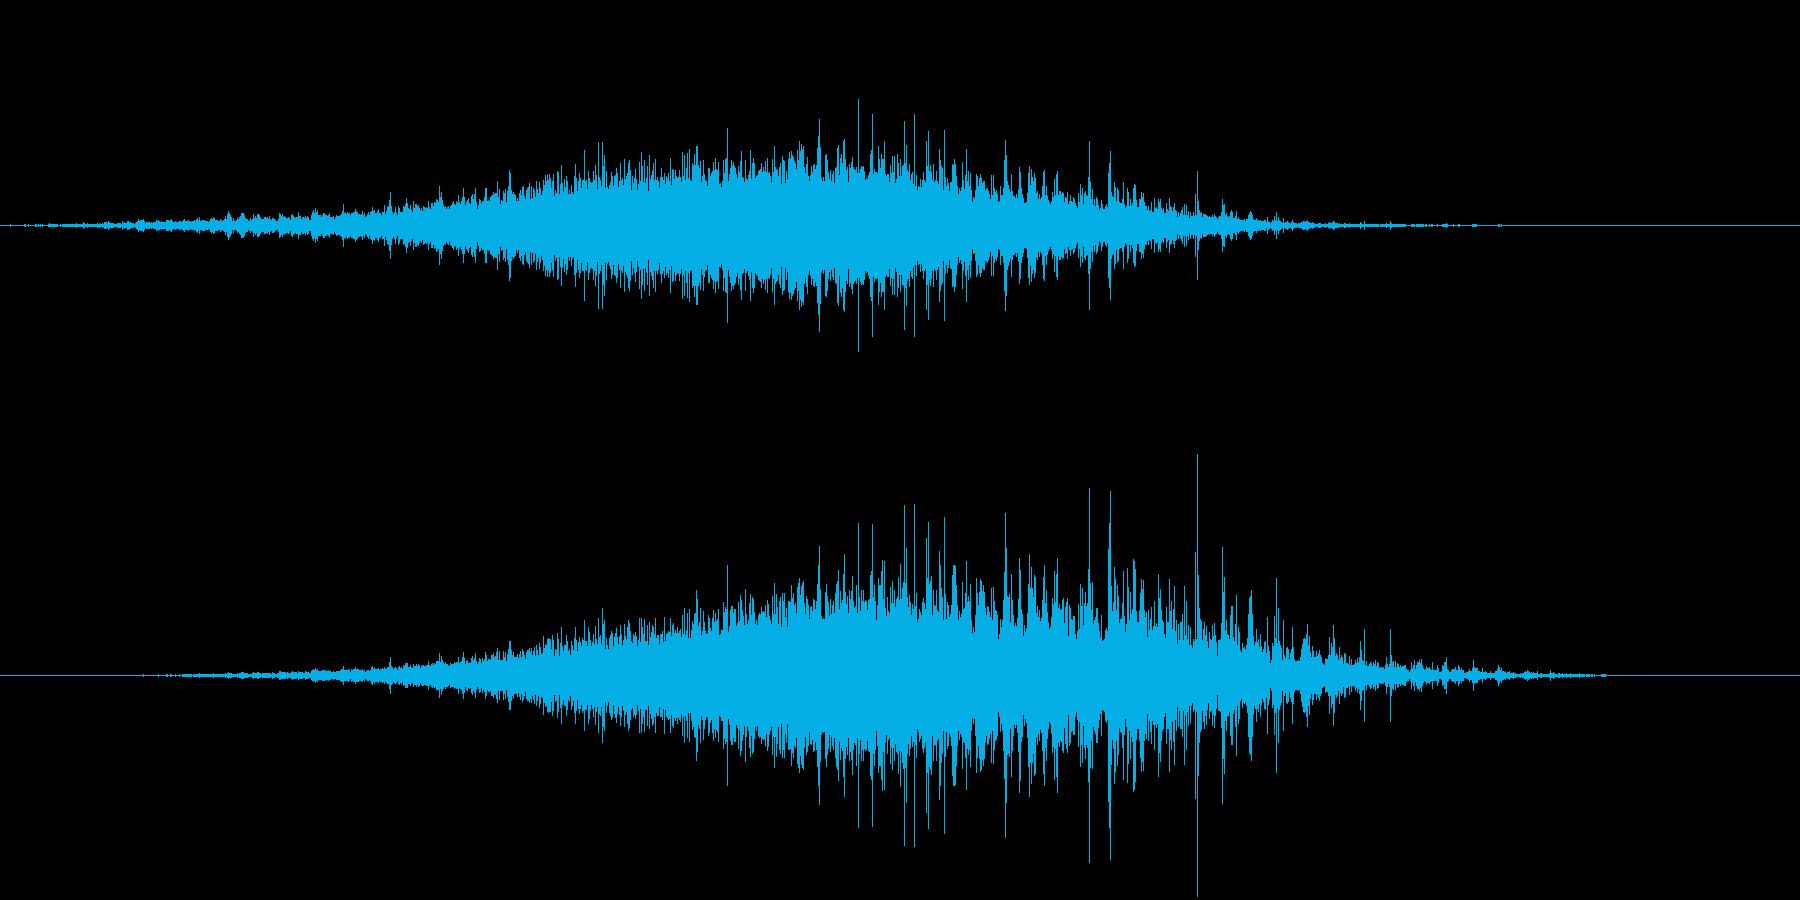 「シャラシャラ」数珠を擦った音 L-Rの再生済みの波形